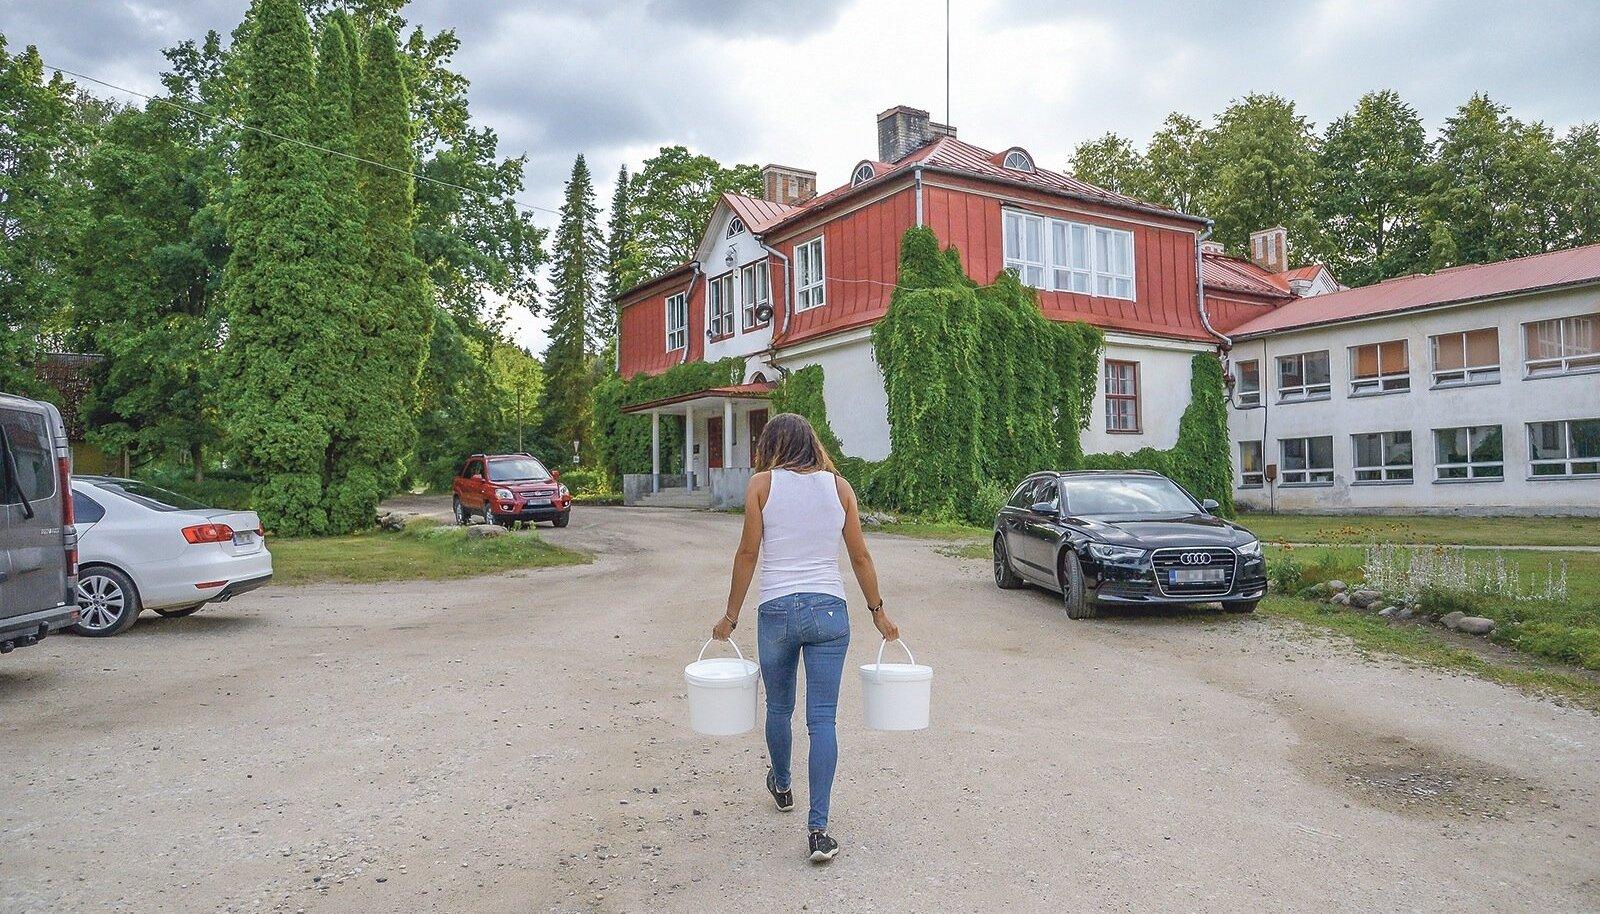 Tääksi kooli ja lasteaia söökla kokk on aastaid tassinud puhast vett 100 meetri kauguselt kaevust. Lapsevanem Kairi Kibe võttis tema koorma enda peale ja võitleb selle eest, et puhas vesi majja saaks.